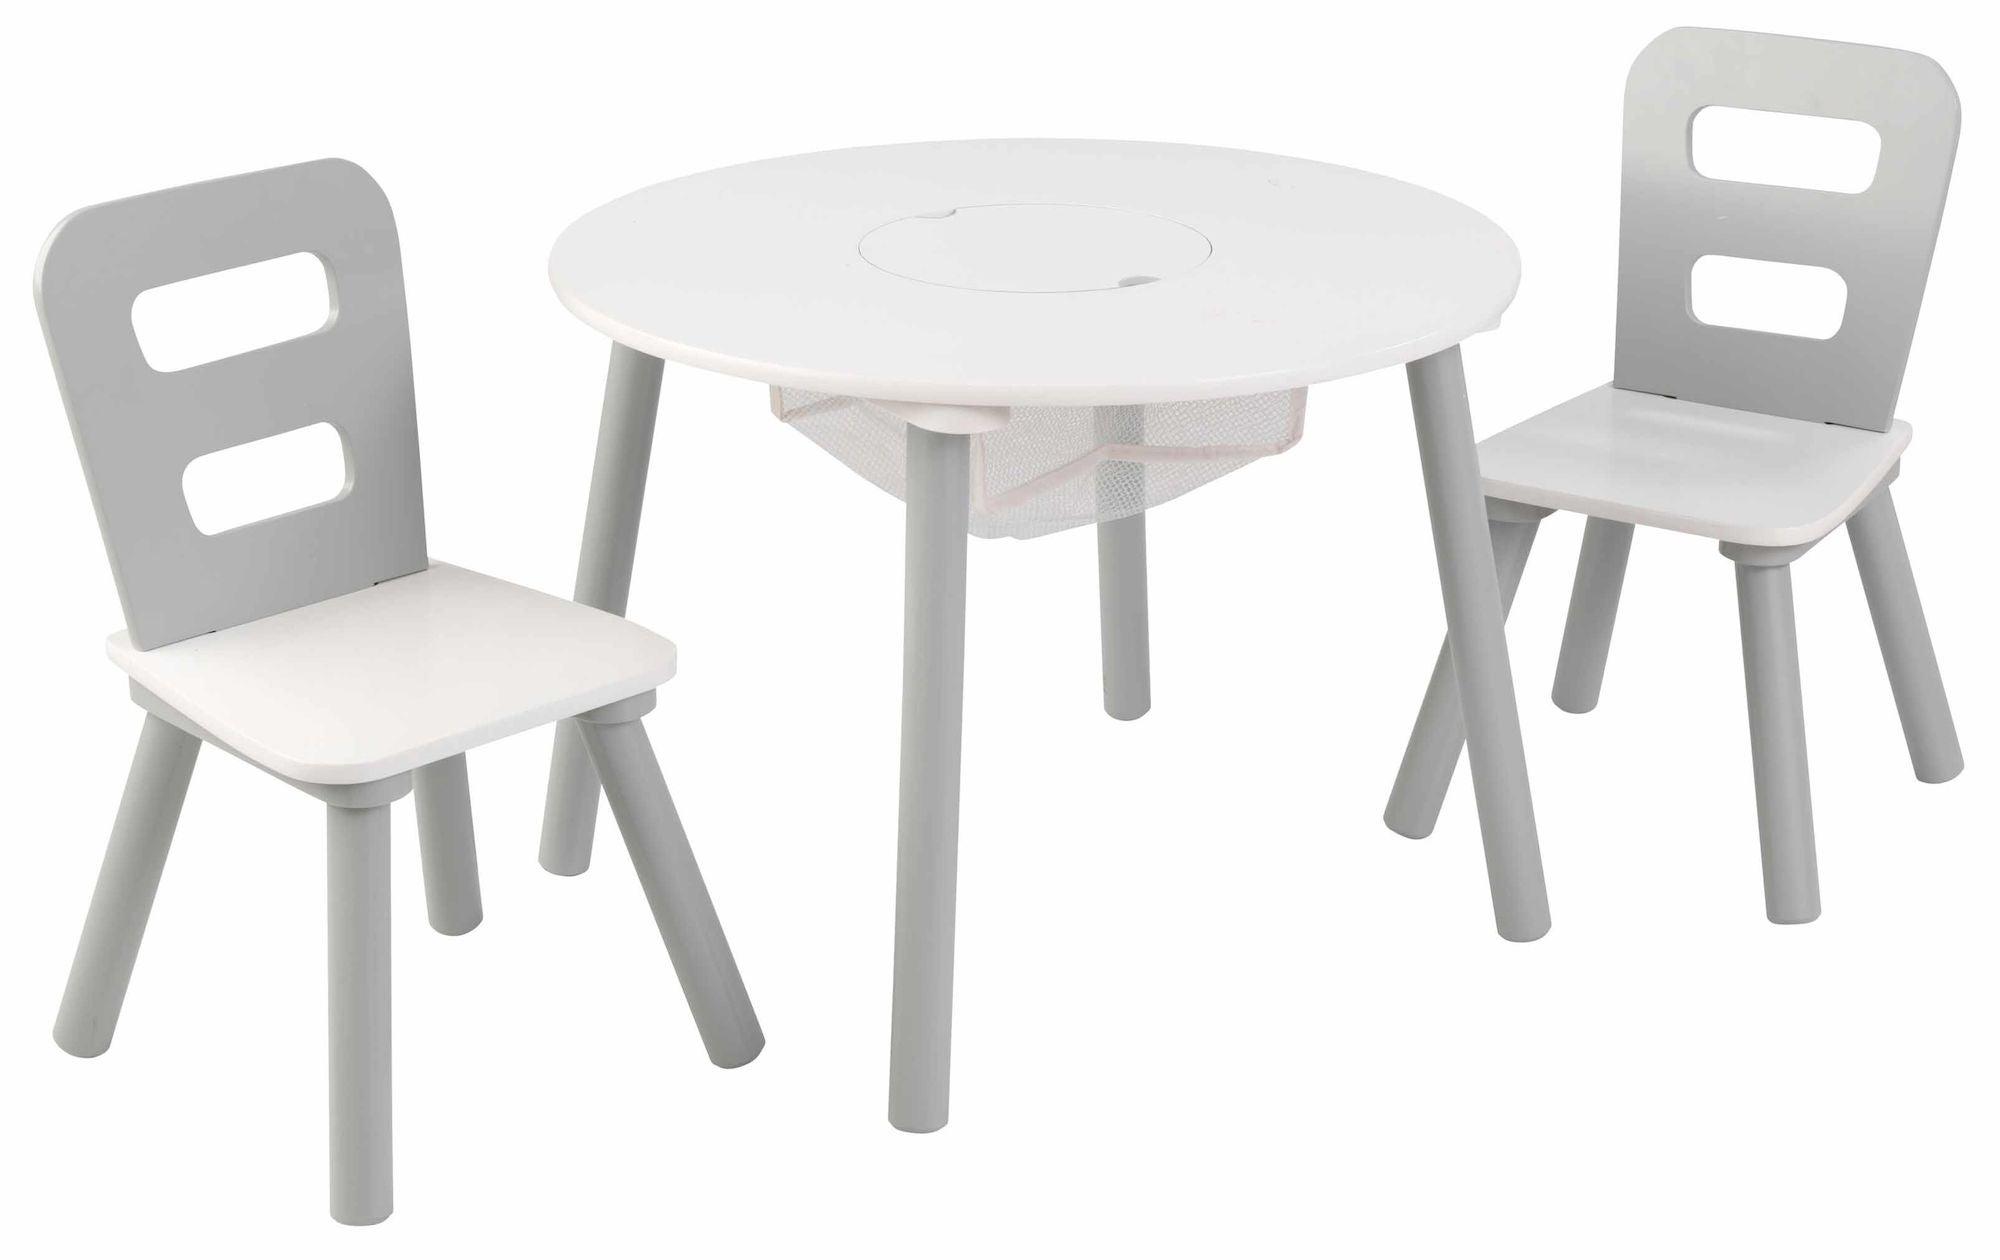 KidKraft Pöytä & Tuolit, Harmaa/Valkoinen